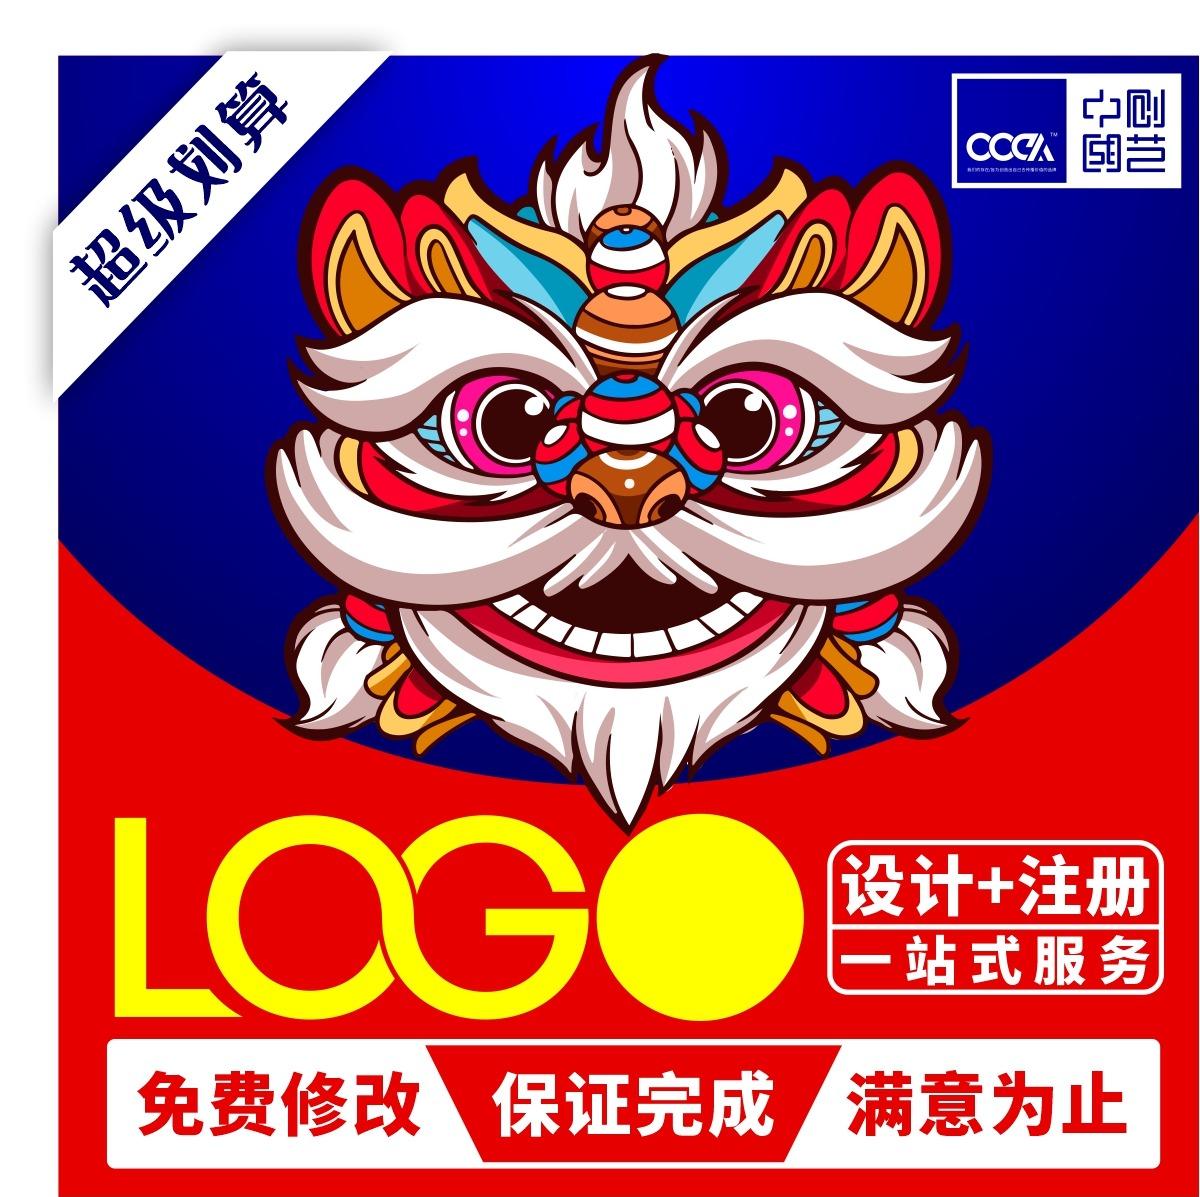 设计总监高端LOGO设计商标注册设计LOGO卡通标志广告设计